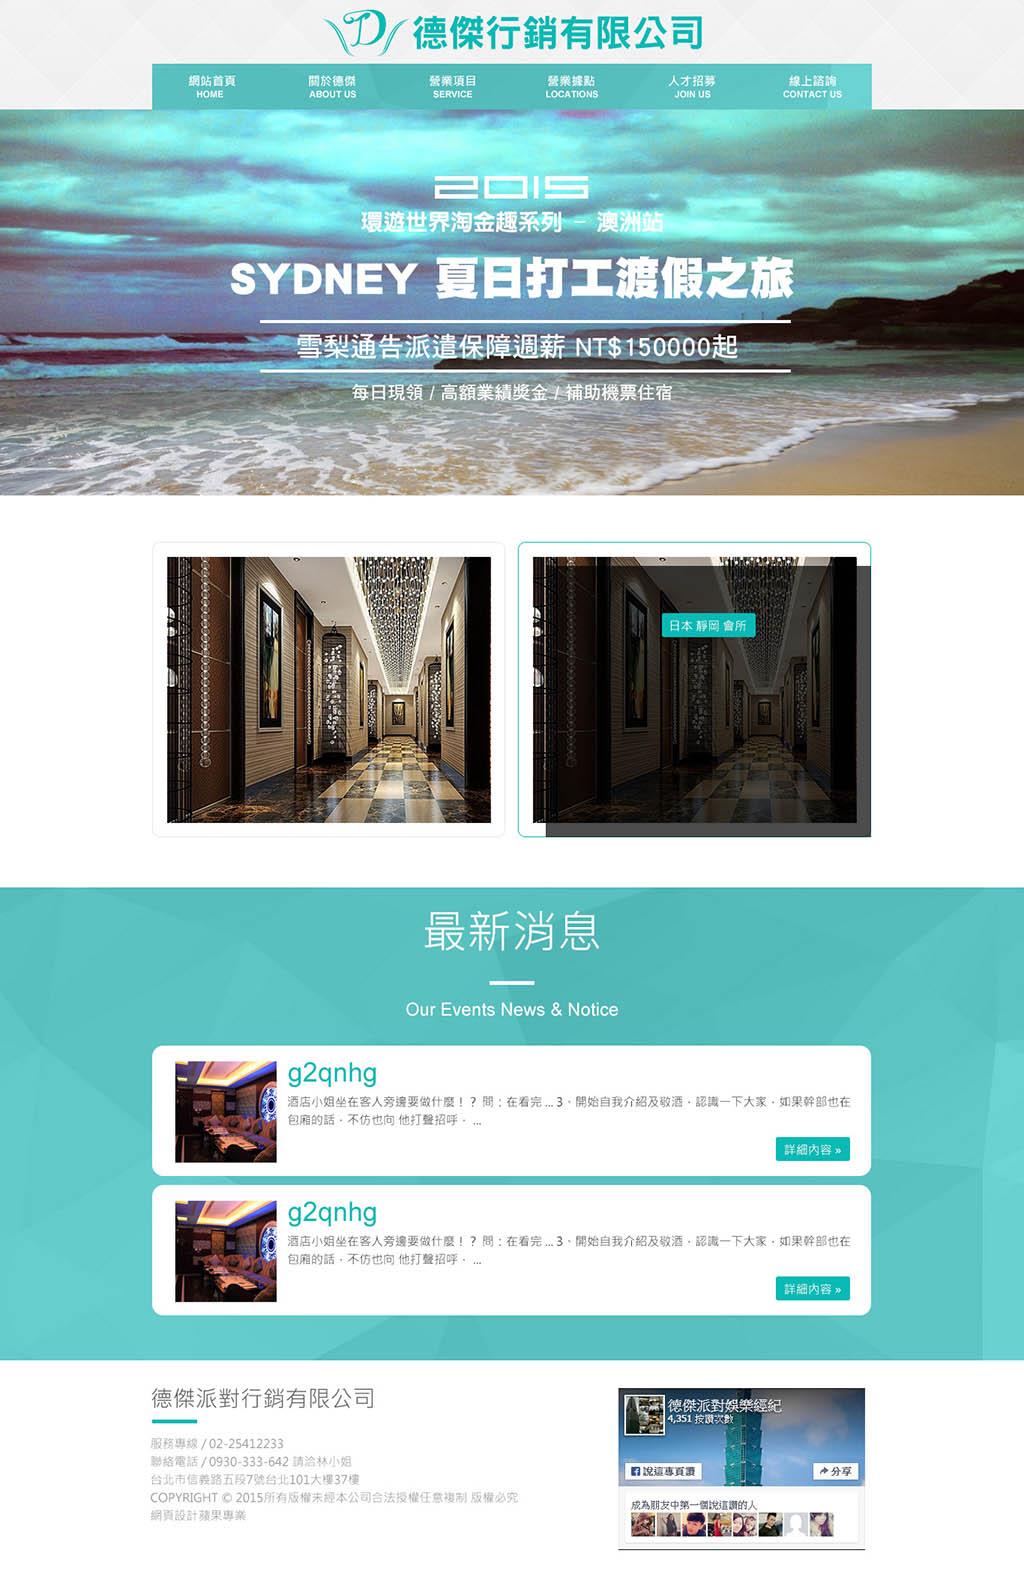 台北101德傑娛樂經濟團隊網頁設計-台中網 頁設 計蘋果-網頁設計+關鍵字保證第一頁29999元